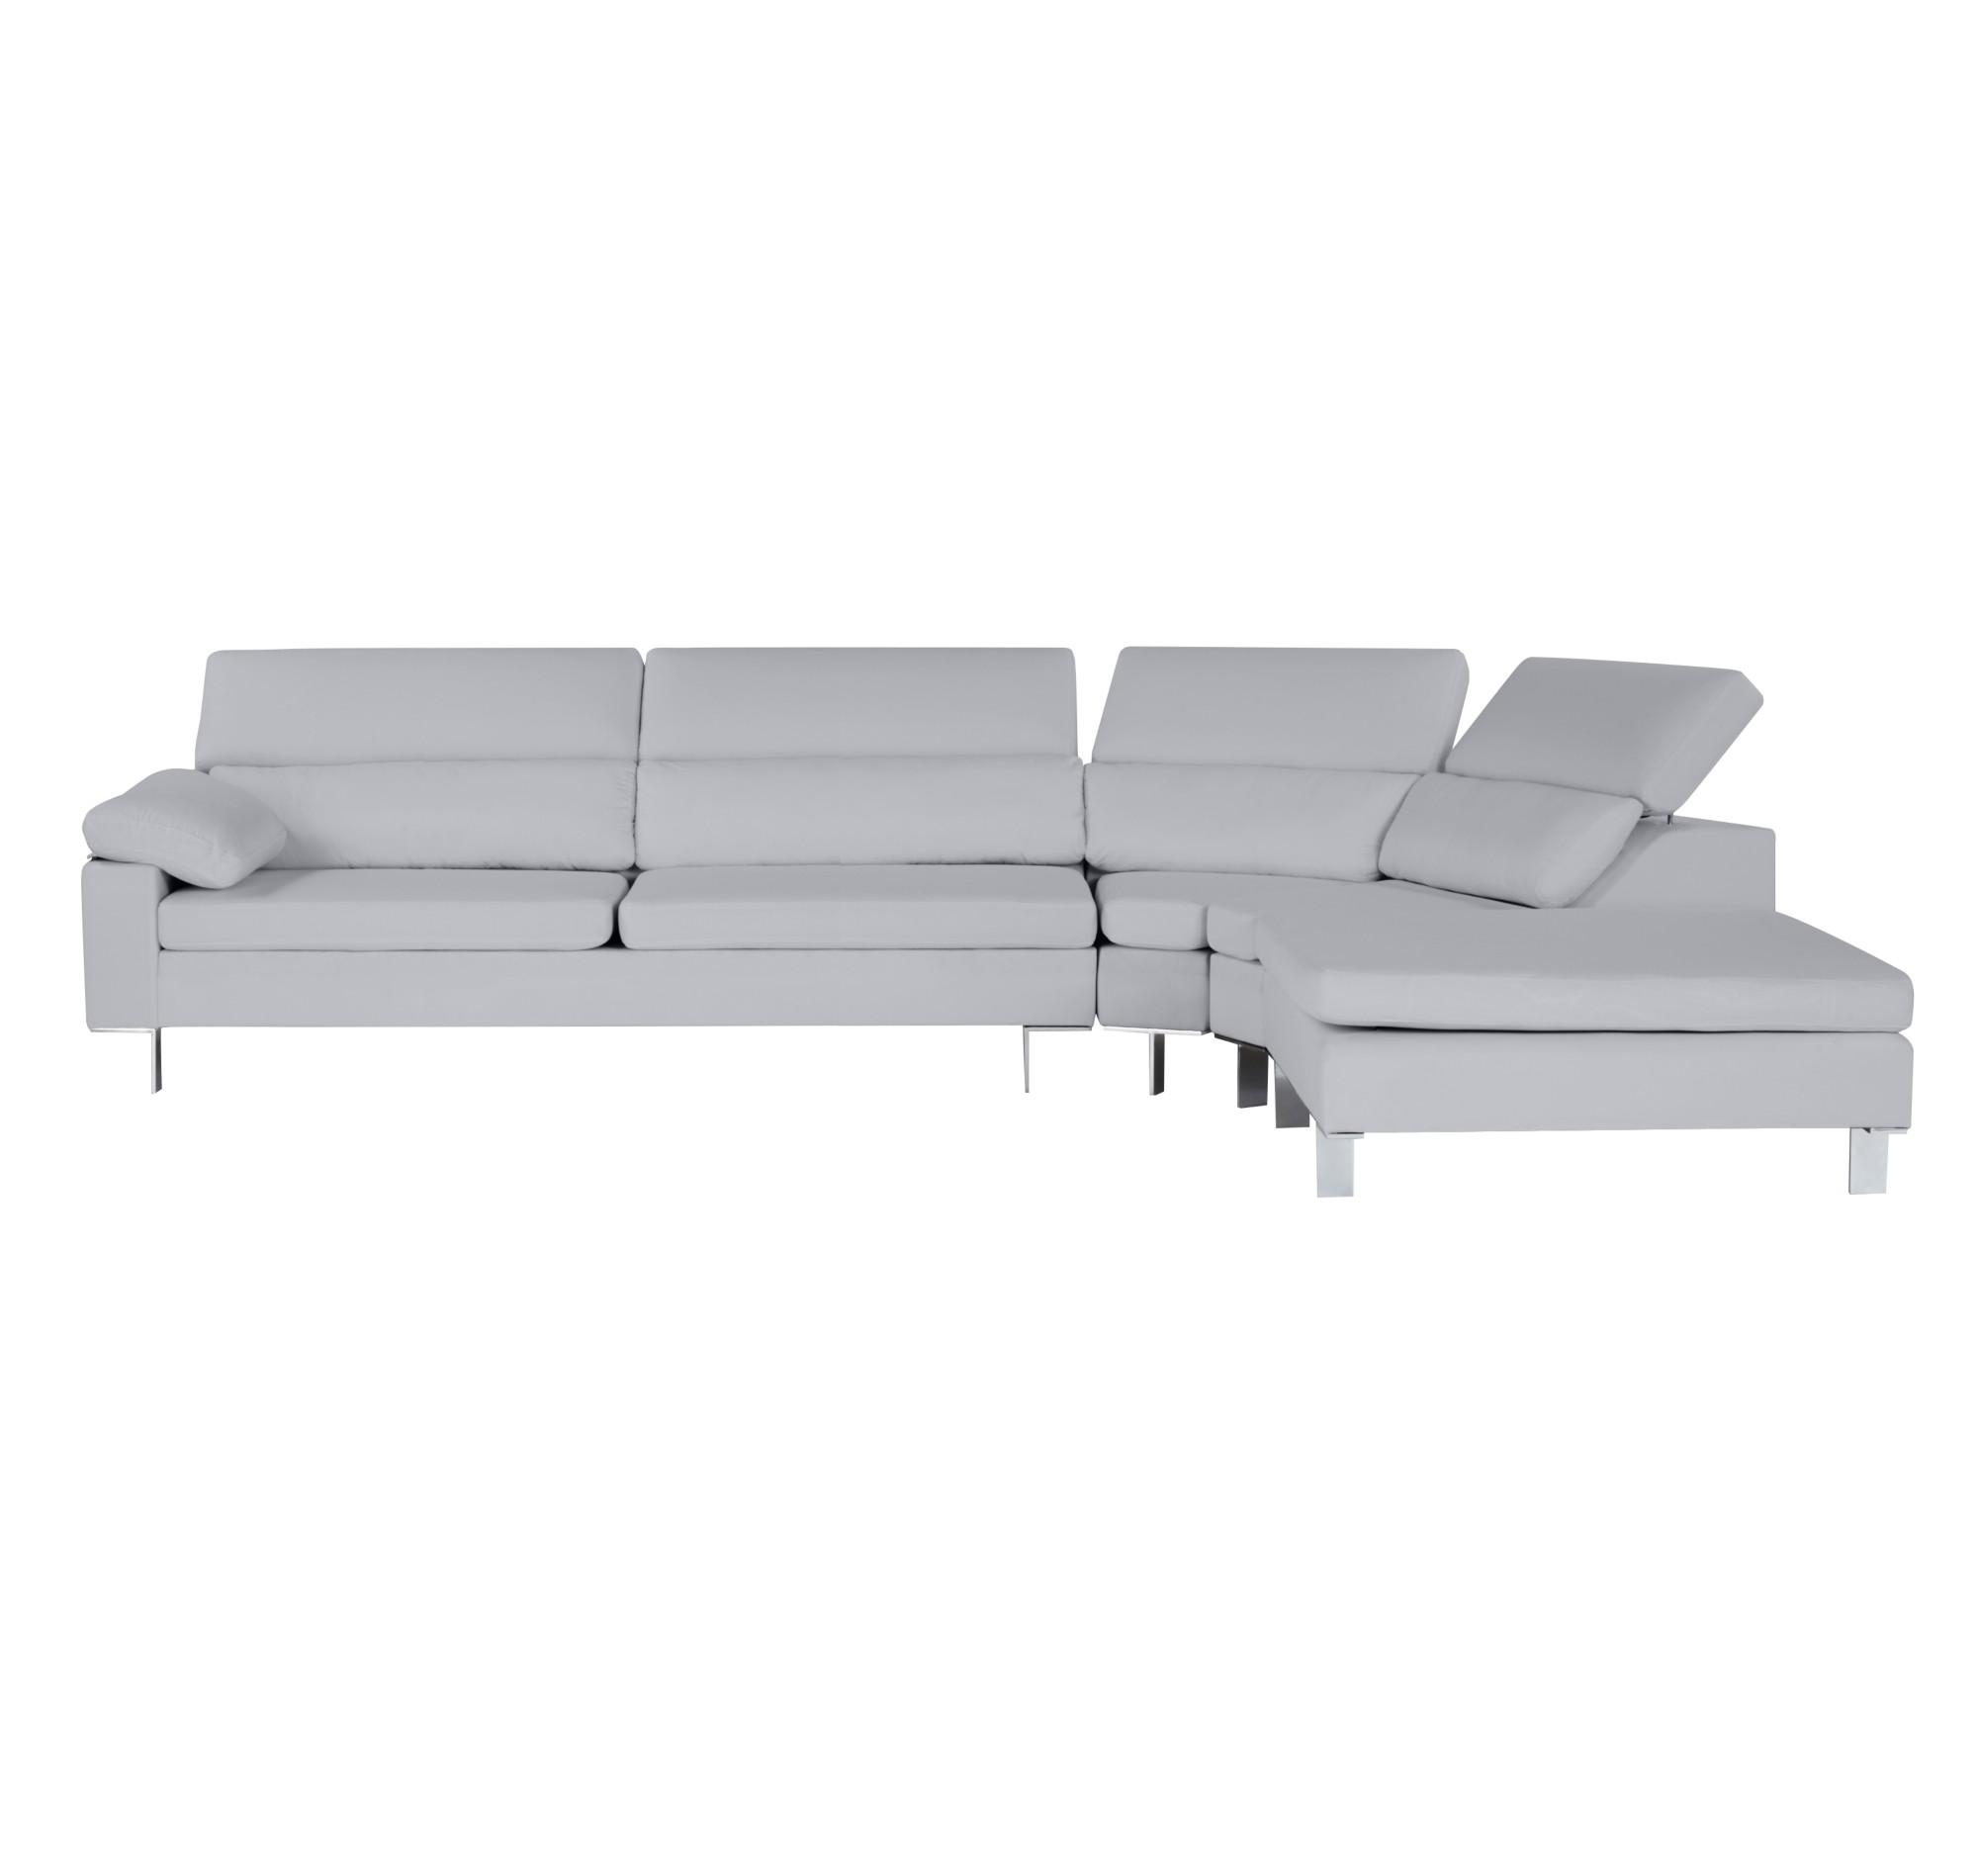 John Lewis Baccara LHF Grand Corner Sofa